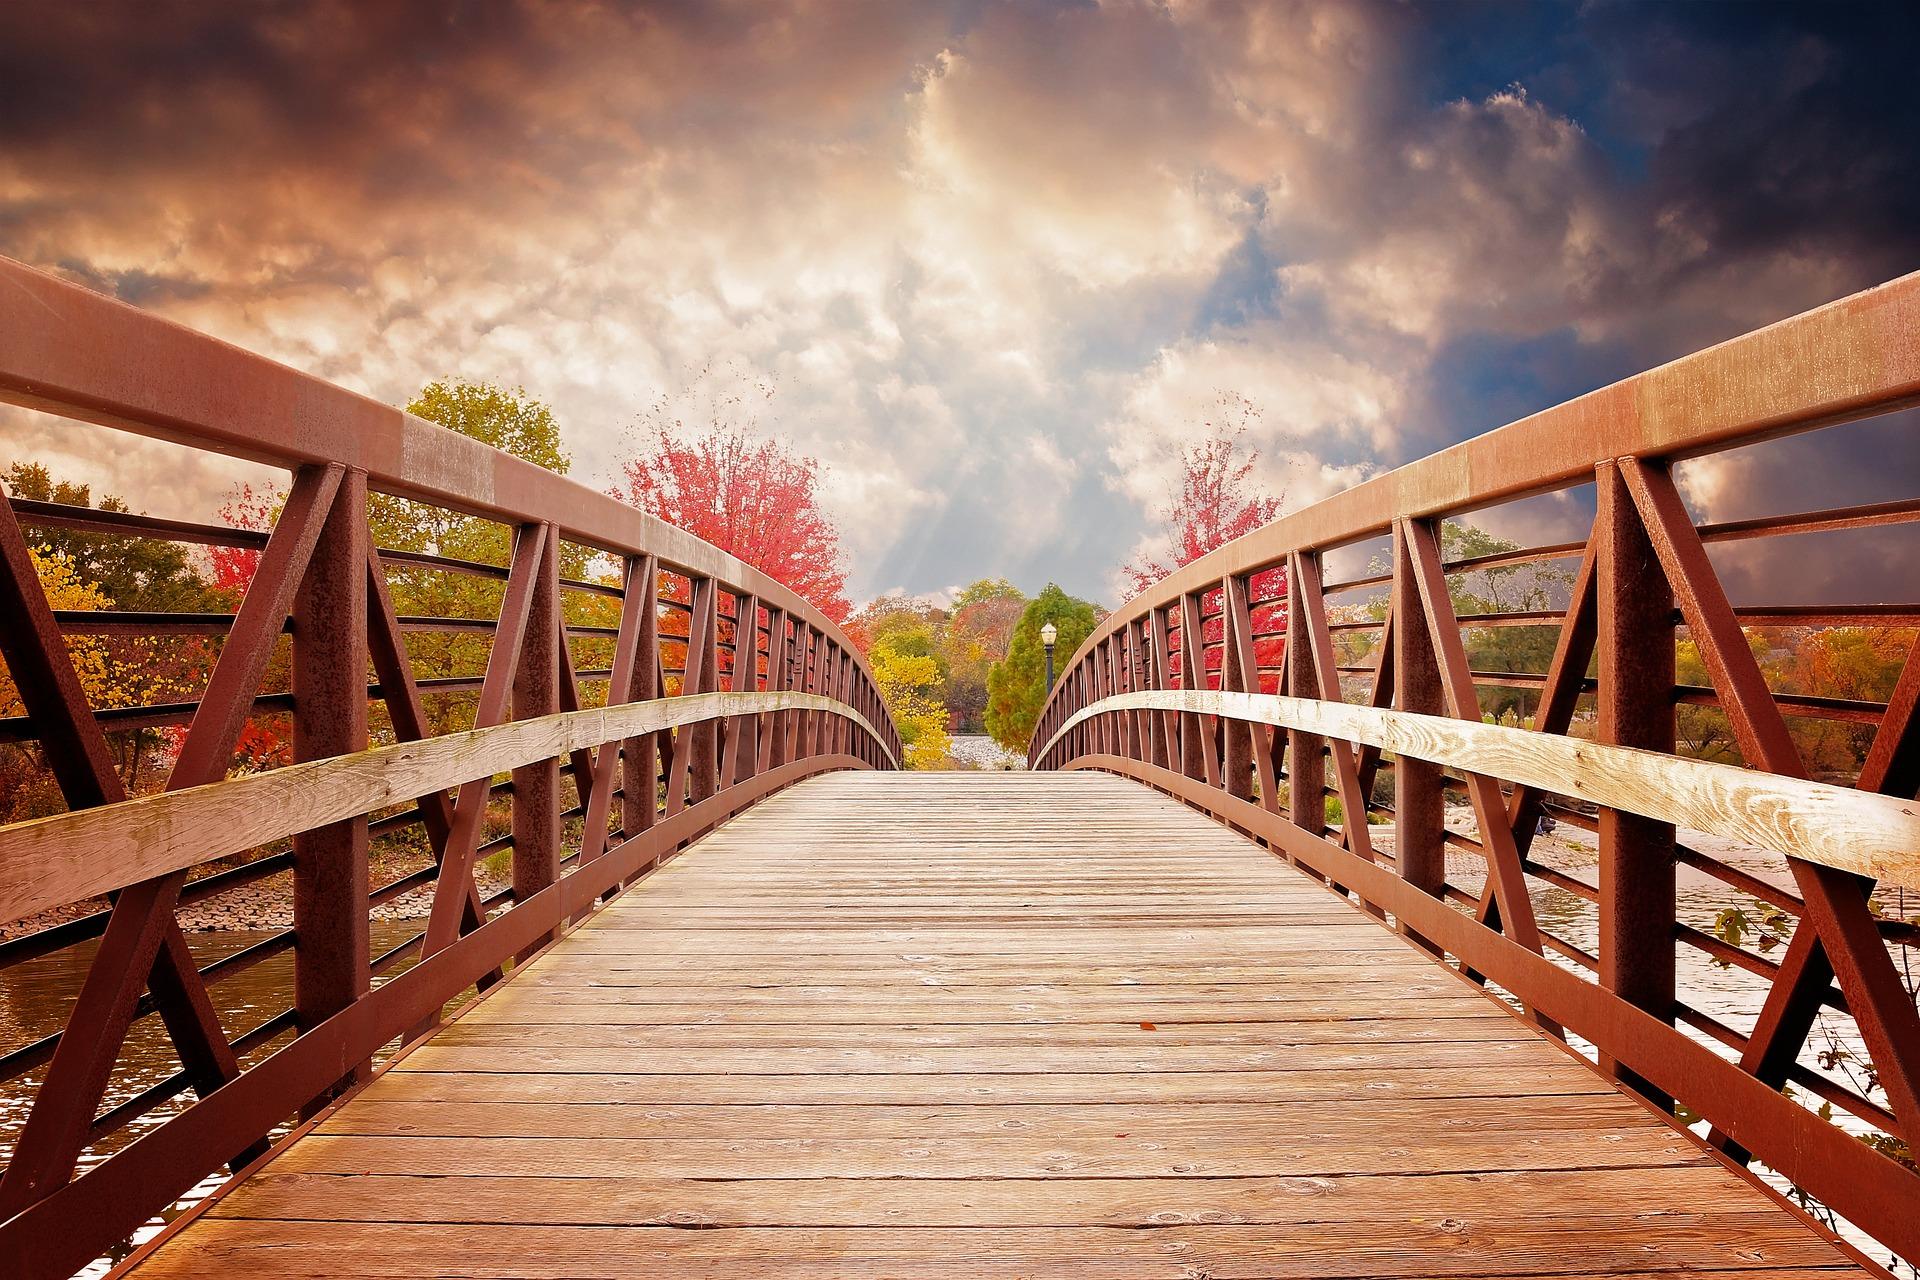 جسر, نهر, الخريف, غروب الشمس, السحب., puente de madera - خلفيات عالية الدقة - أستاذ falken.com